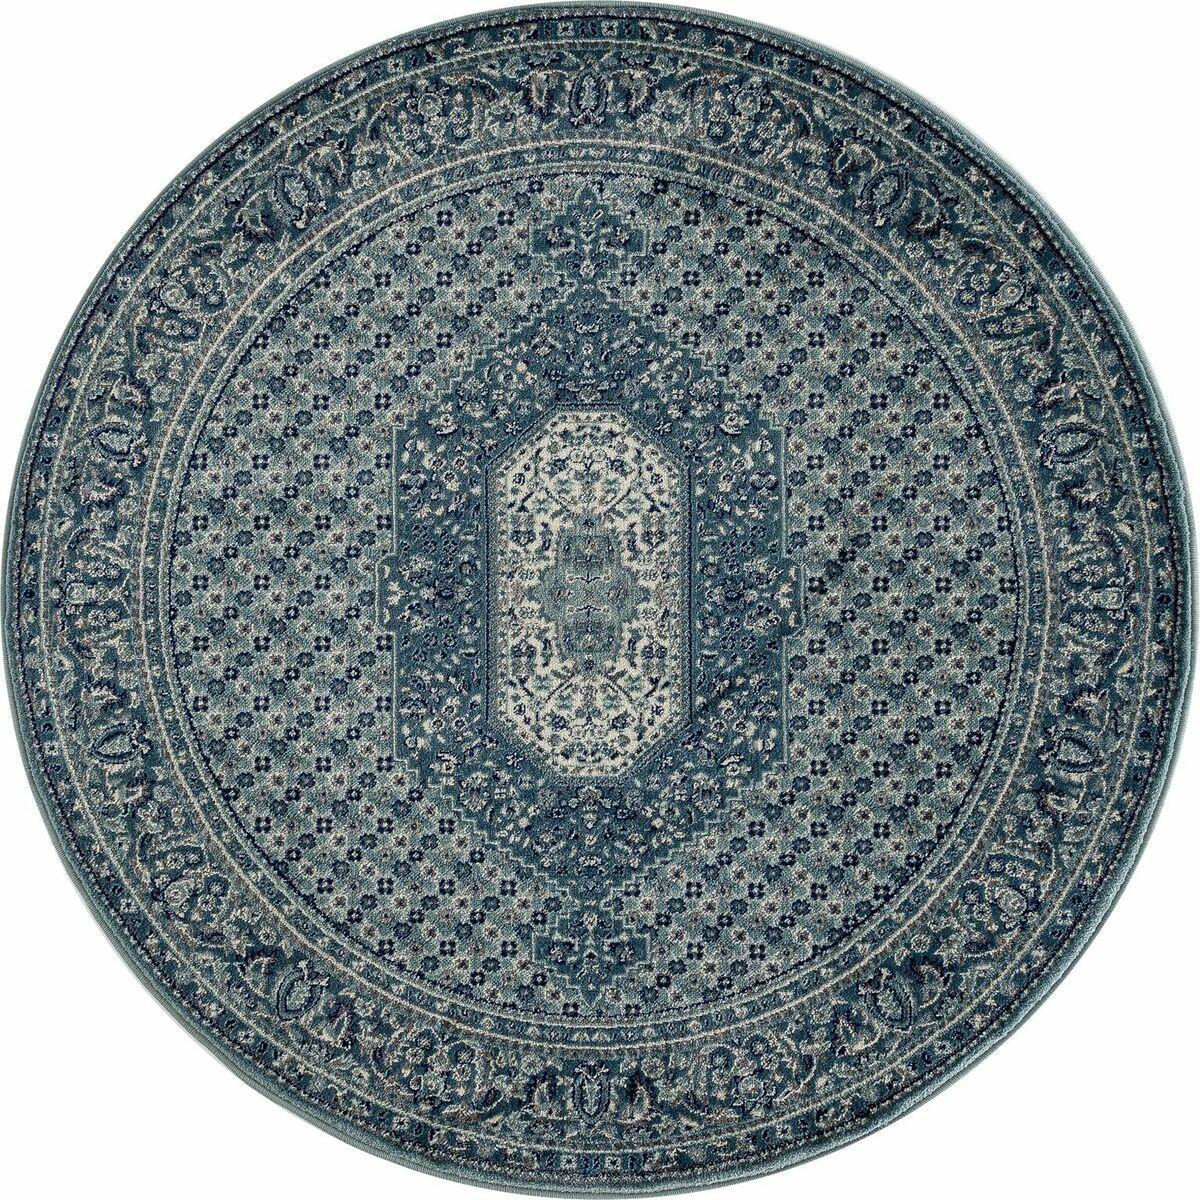 Hudson Blue Area Rug Rug Size: 3'11 x 5'7